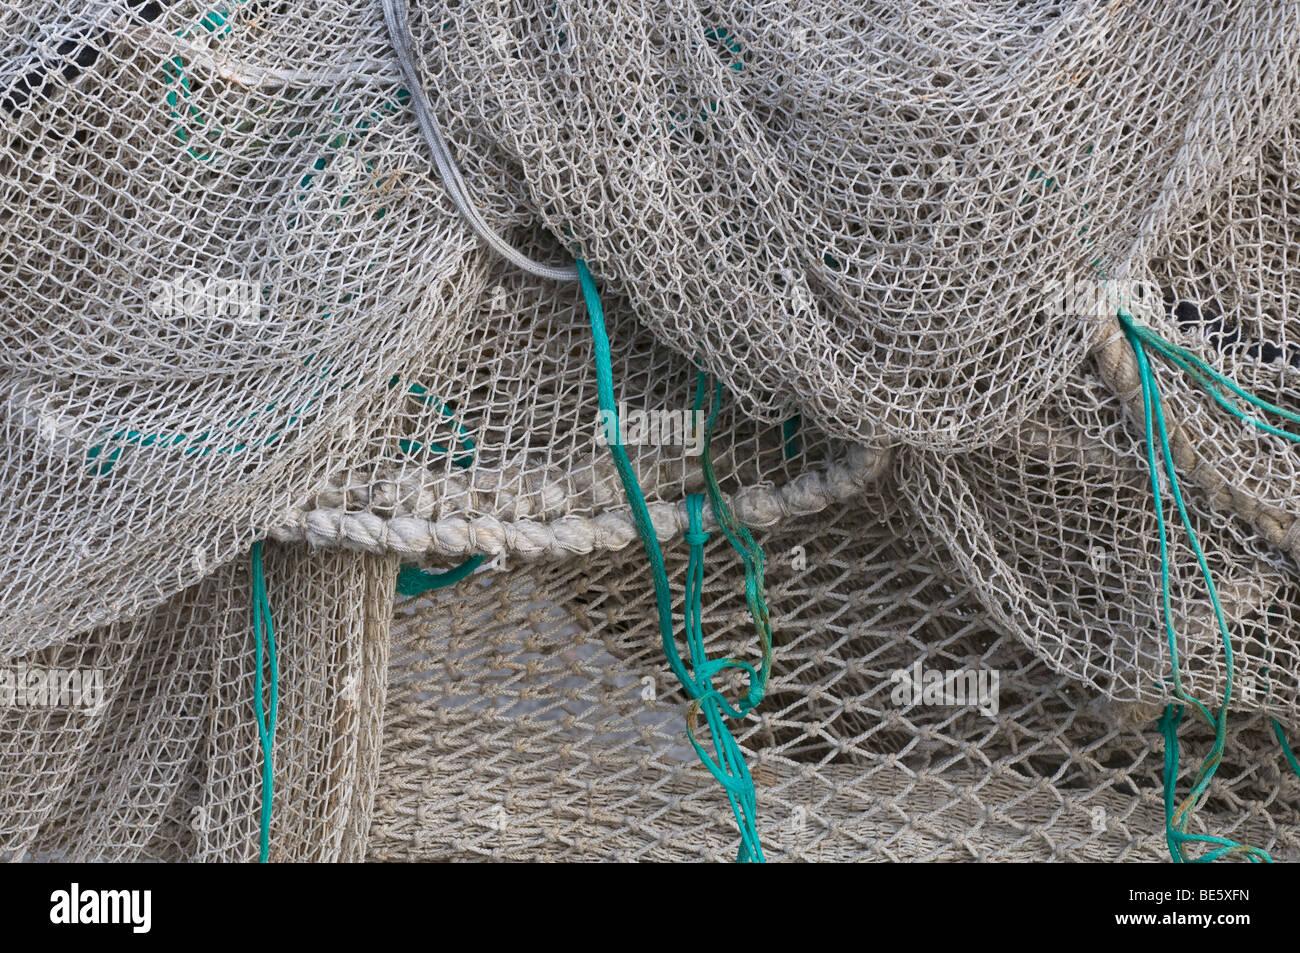 Fishing nets, full-frame - Stock Image